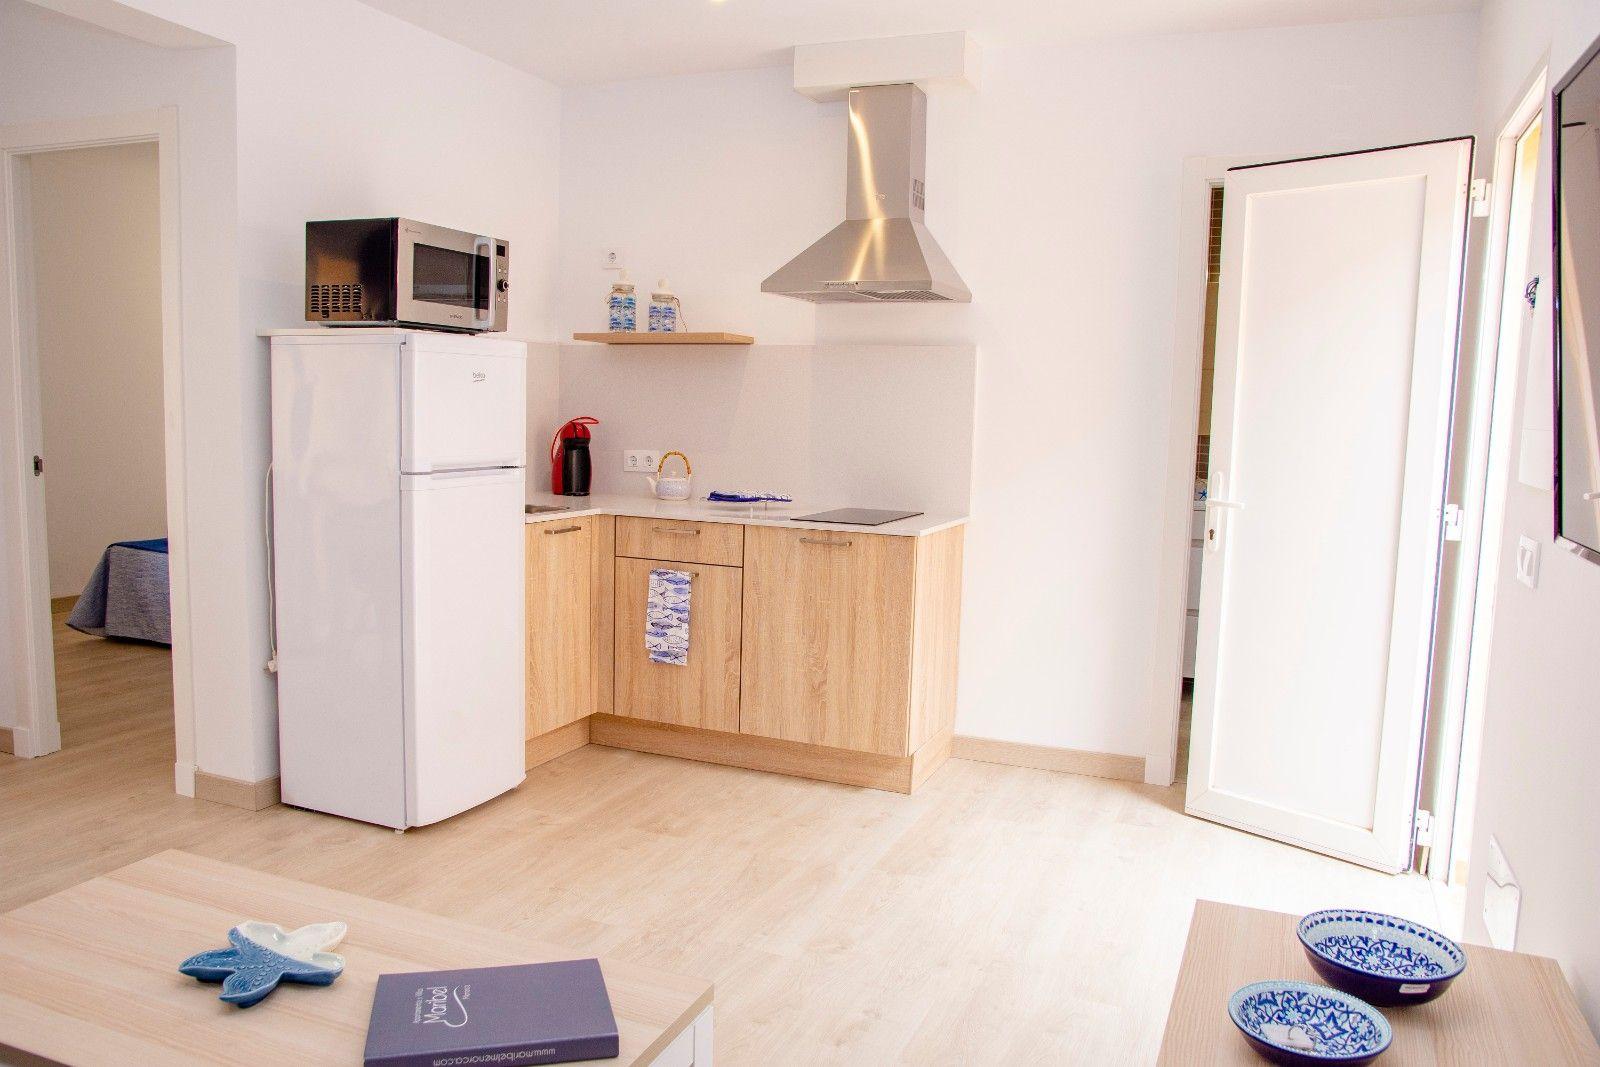 1 Bedroom Apartment - Apartamentos Maribel - Cala Blanca - Ciutadella